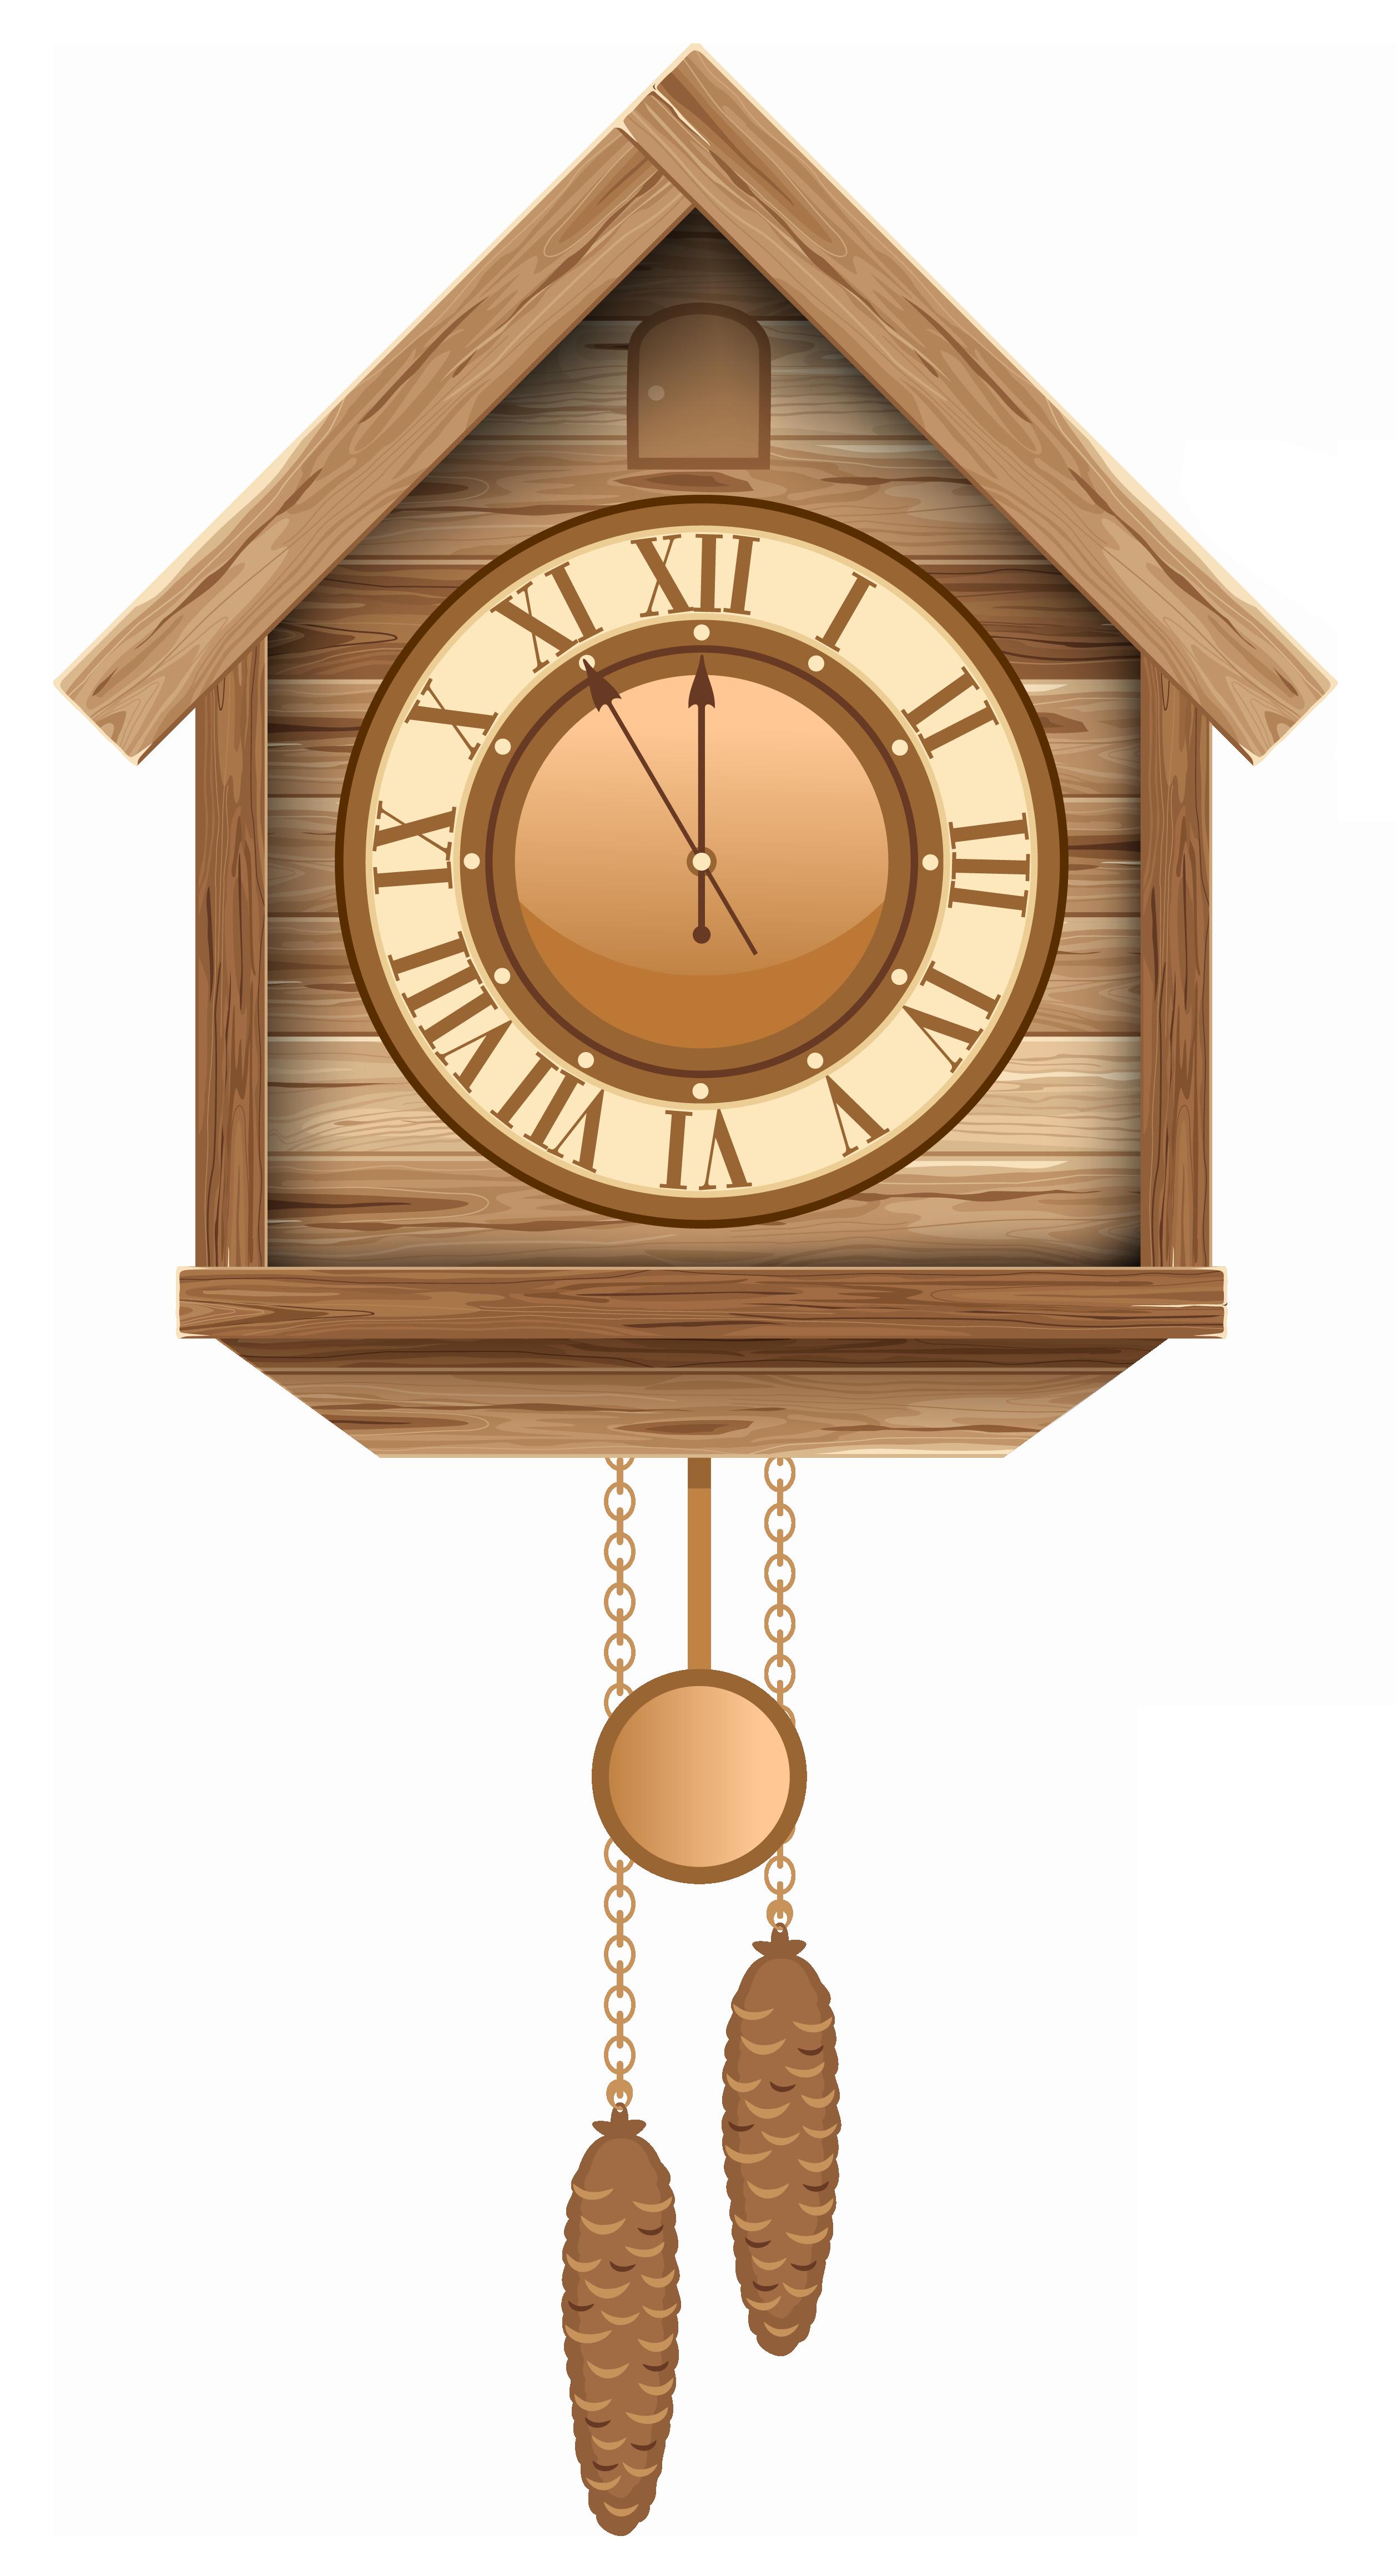 Cuckoo clock png clip. Clocks clipart grandpa